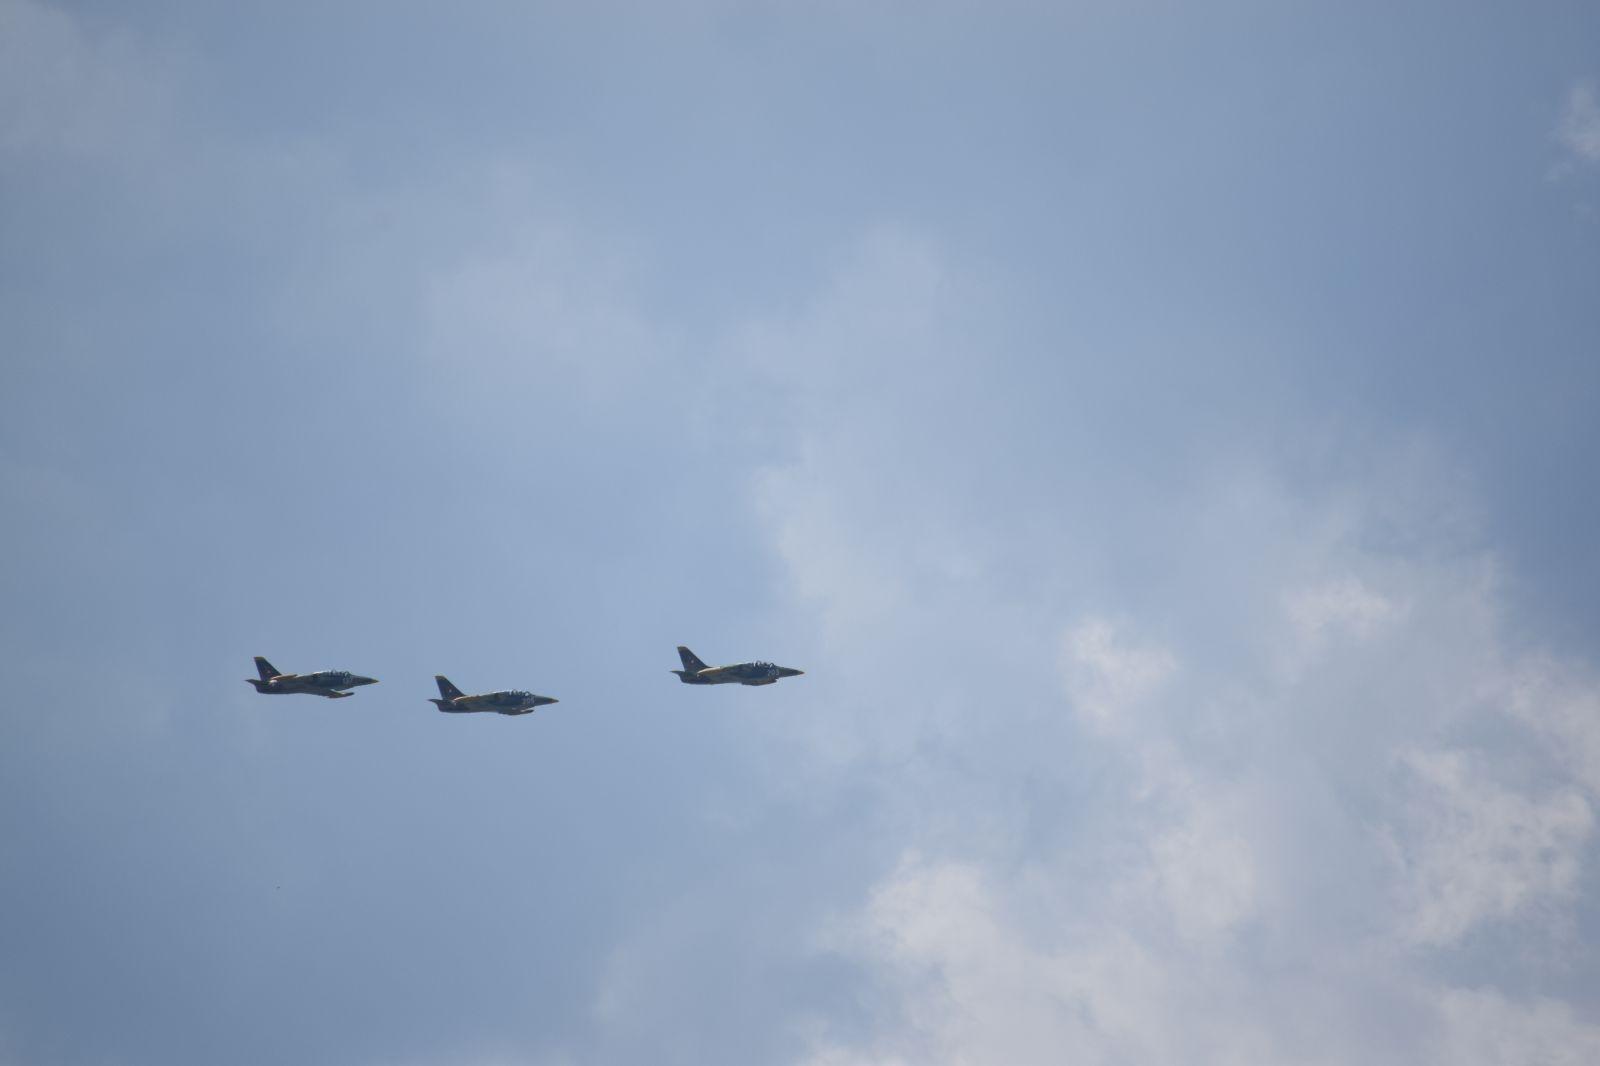 Част 5 Бойната авиация - МиГ-29, Су-25, L-39ZA Генерална репетиция за въздушната демонстрация на 6 май (ЕКСКЛУЗИВНА БОЙНА ГАЛЕРИЯ)